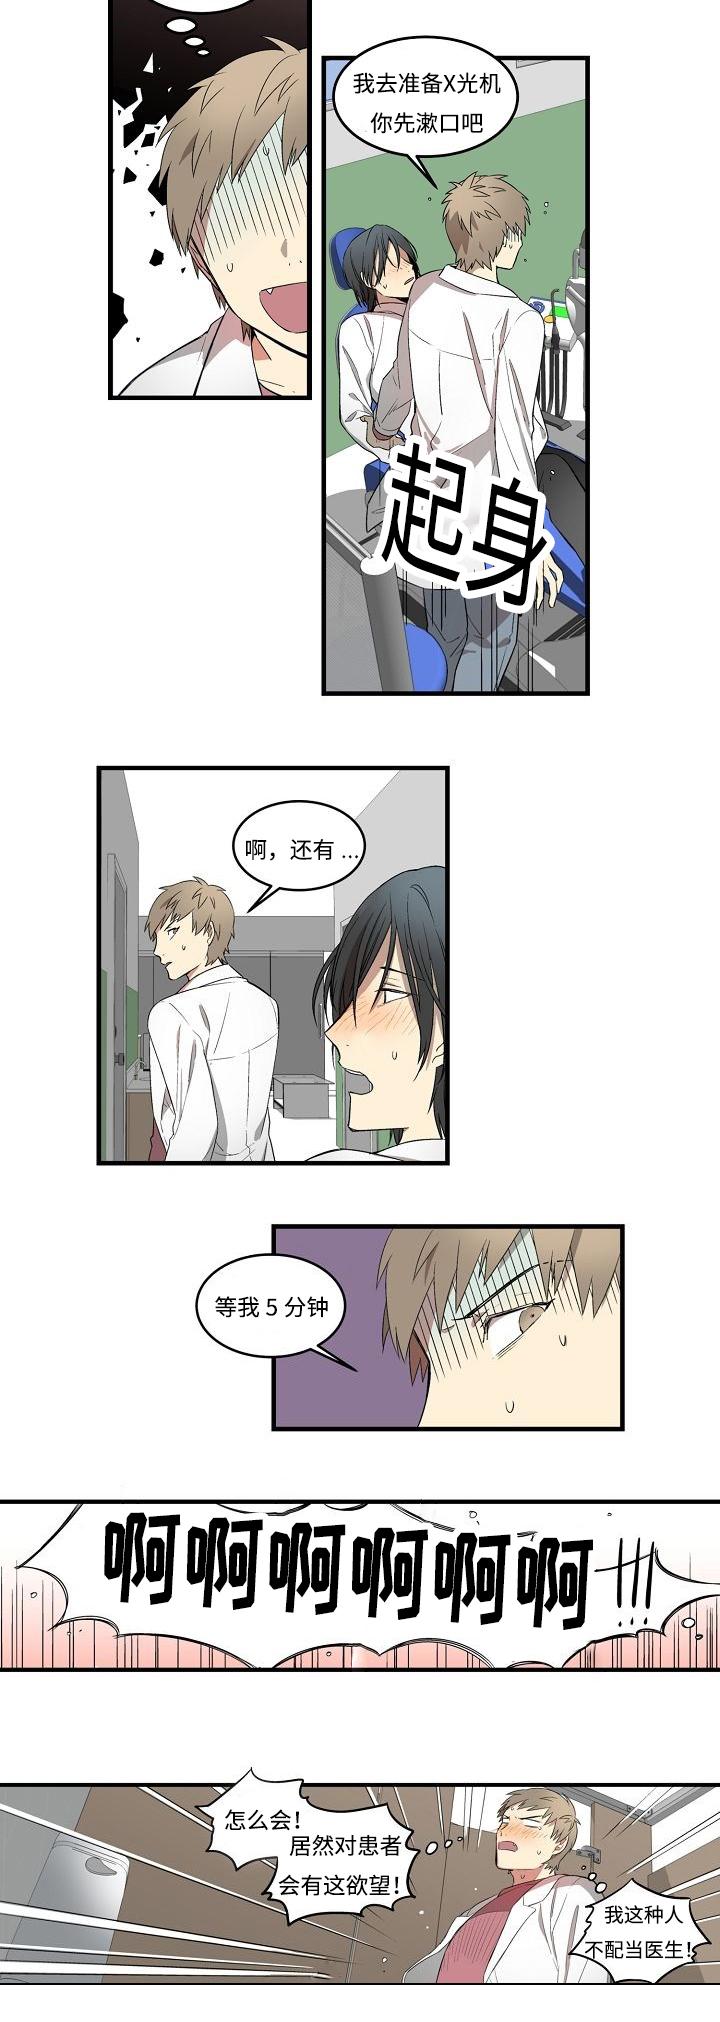 夜间诊疗漫画在线观看-韩漫基地